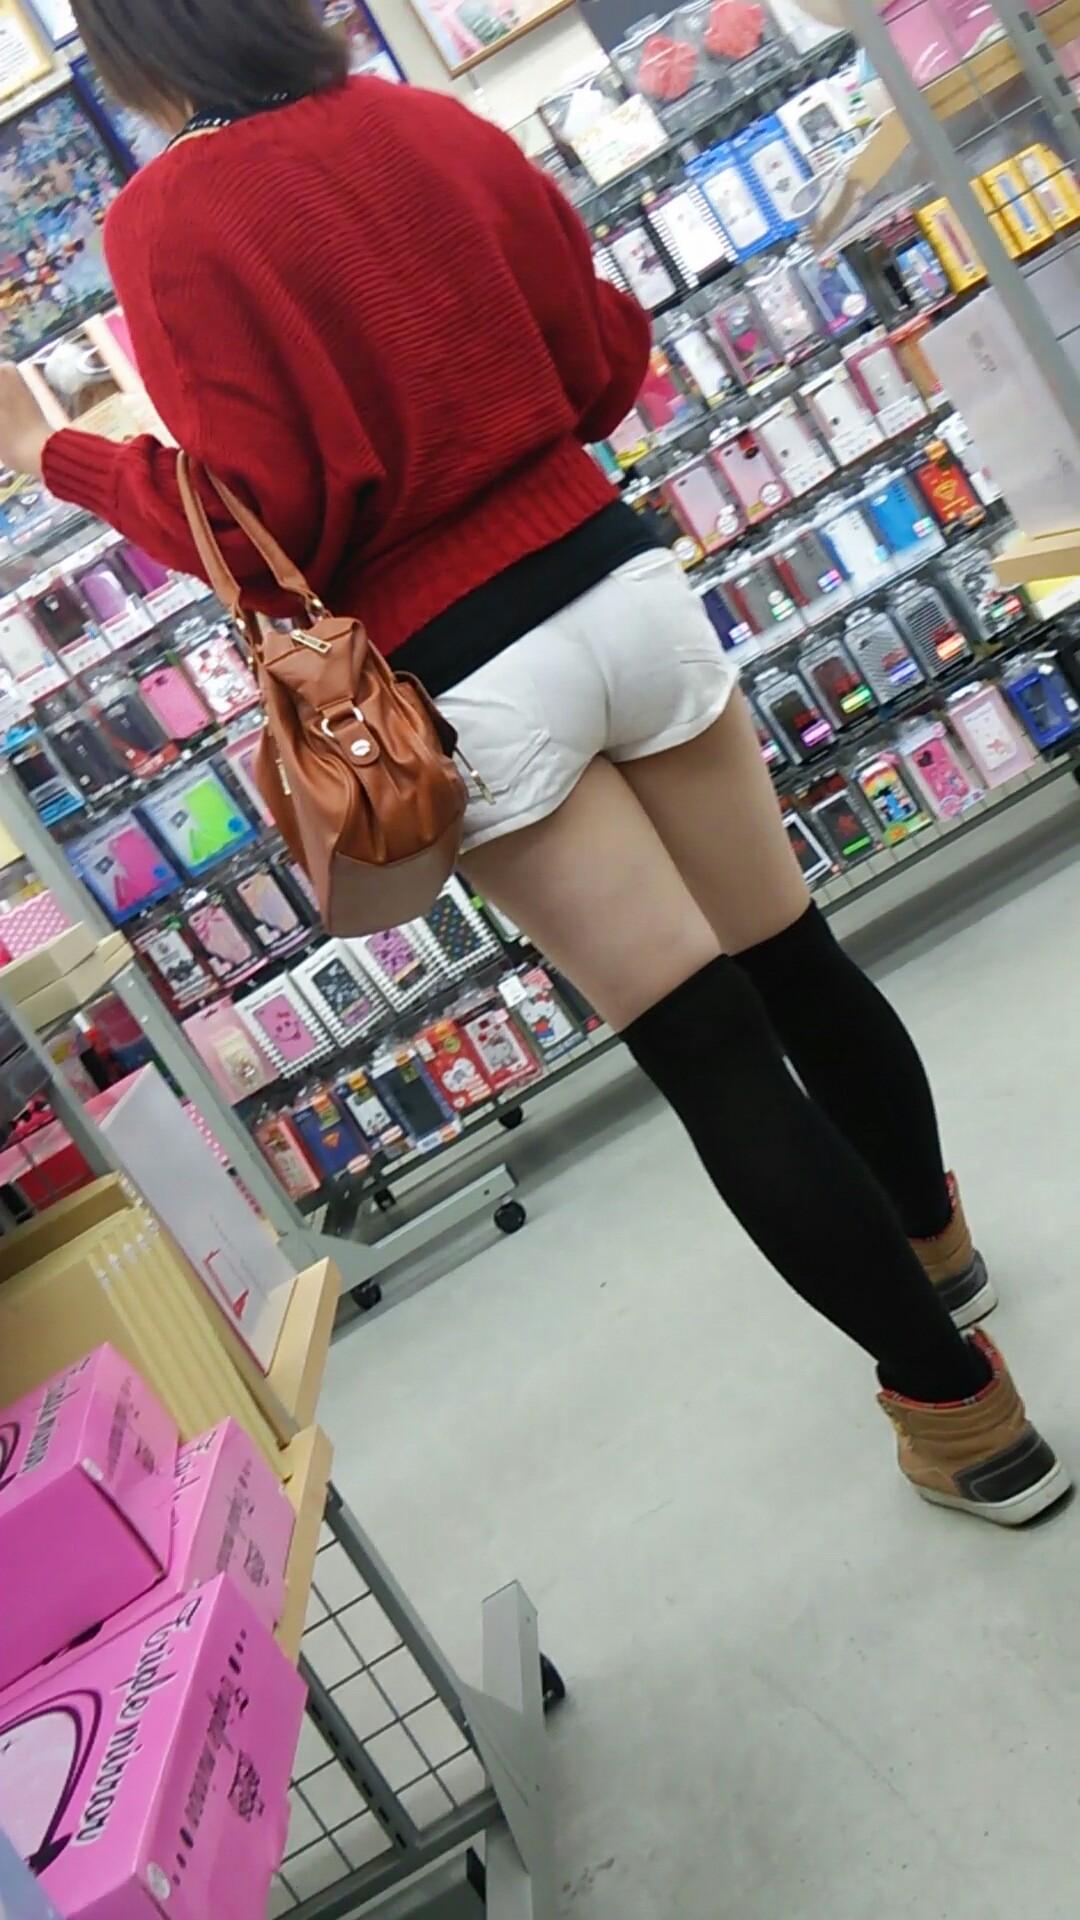 【ショーパンエロ画像】イイ尻と脚を惜しみなく見せるショーパン女子のありがたみwww 06